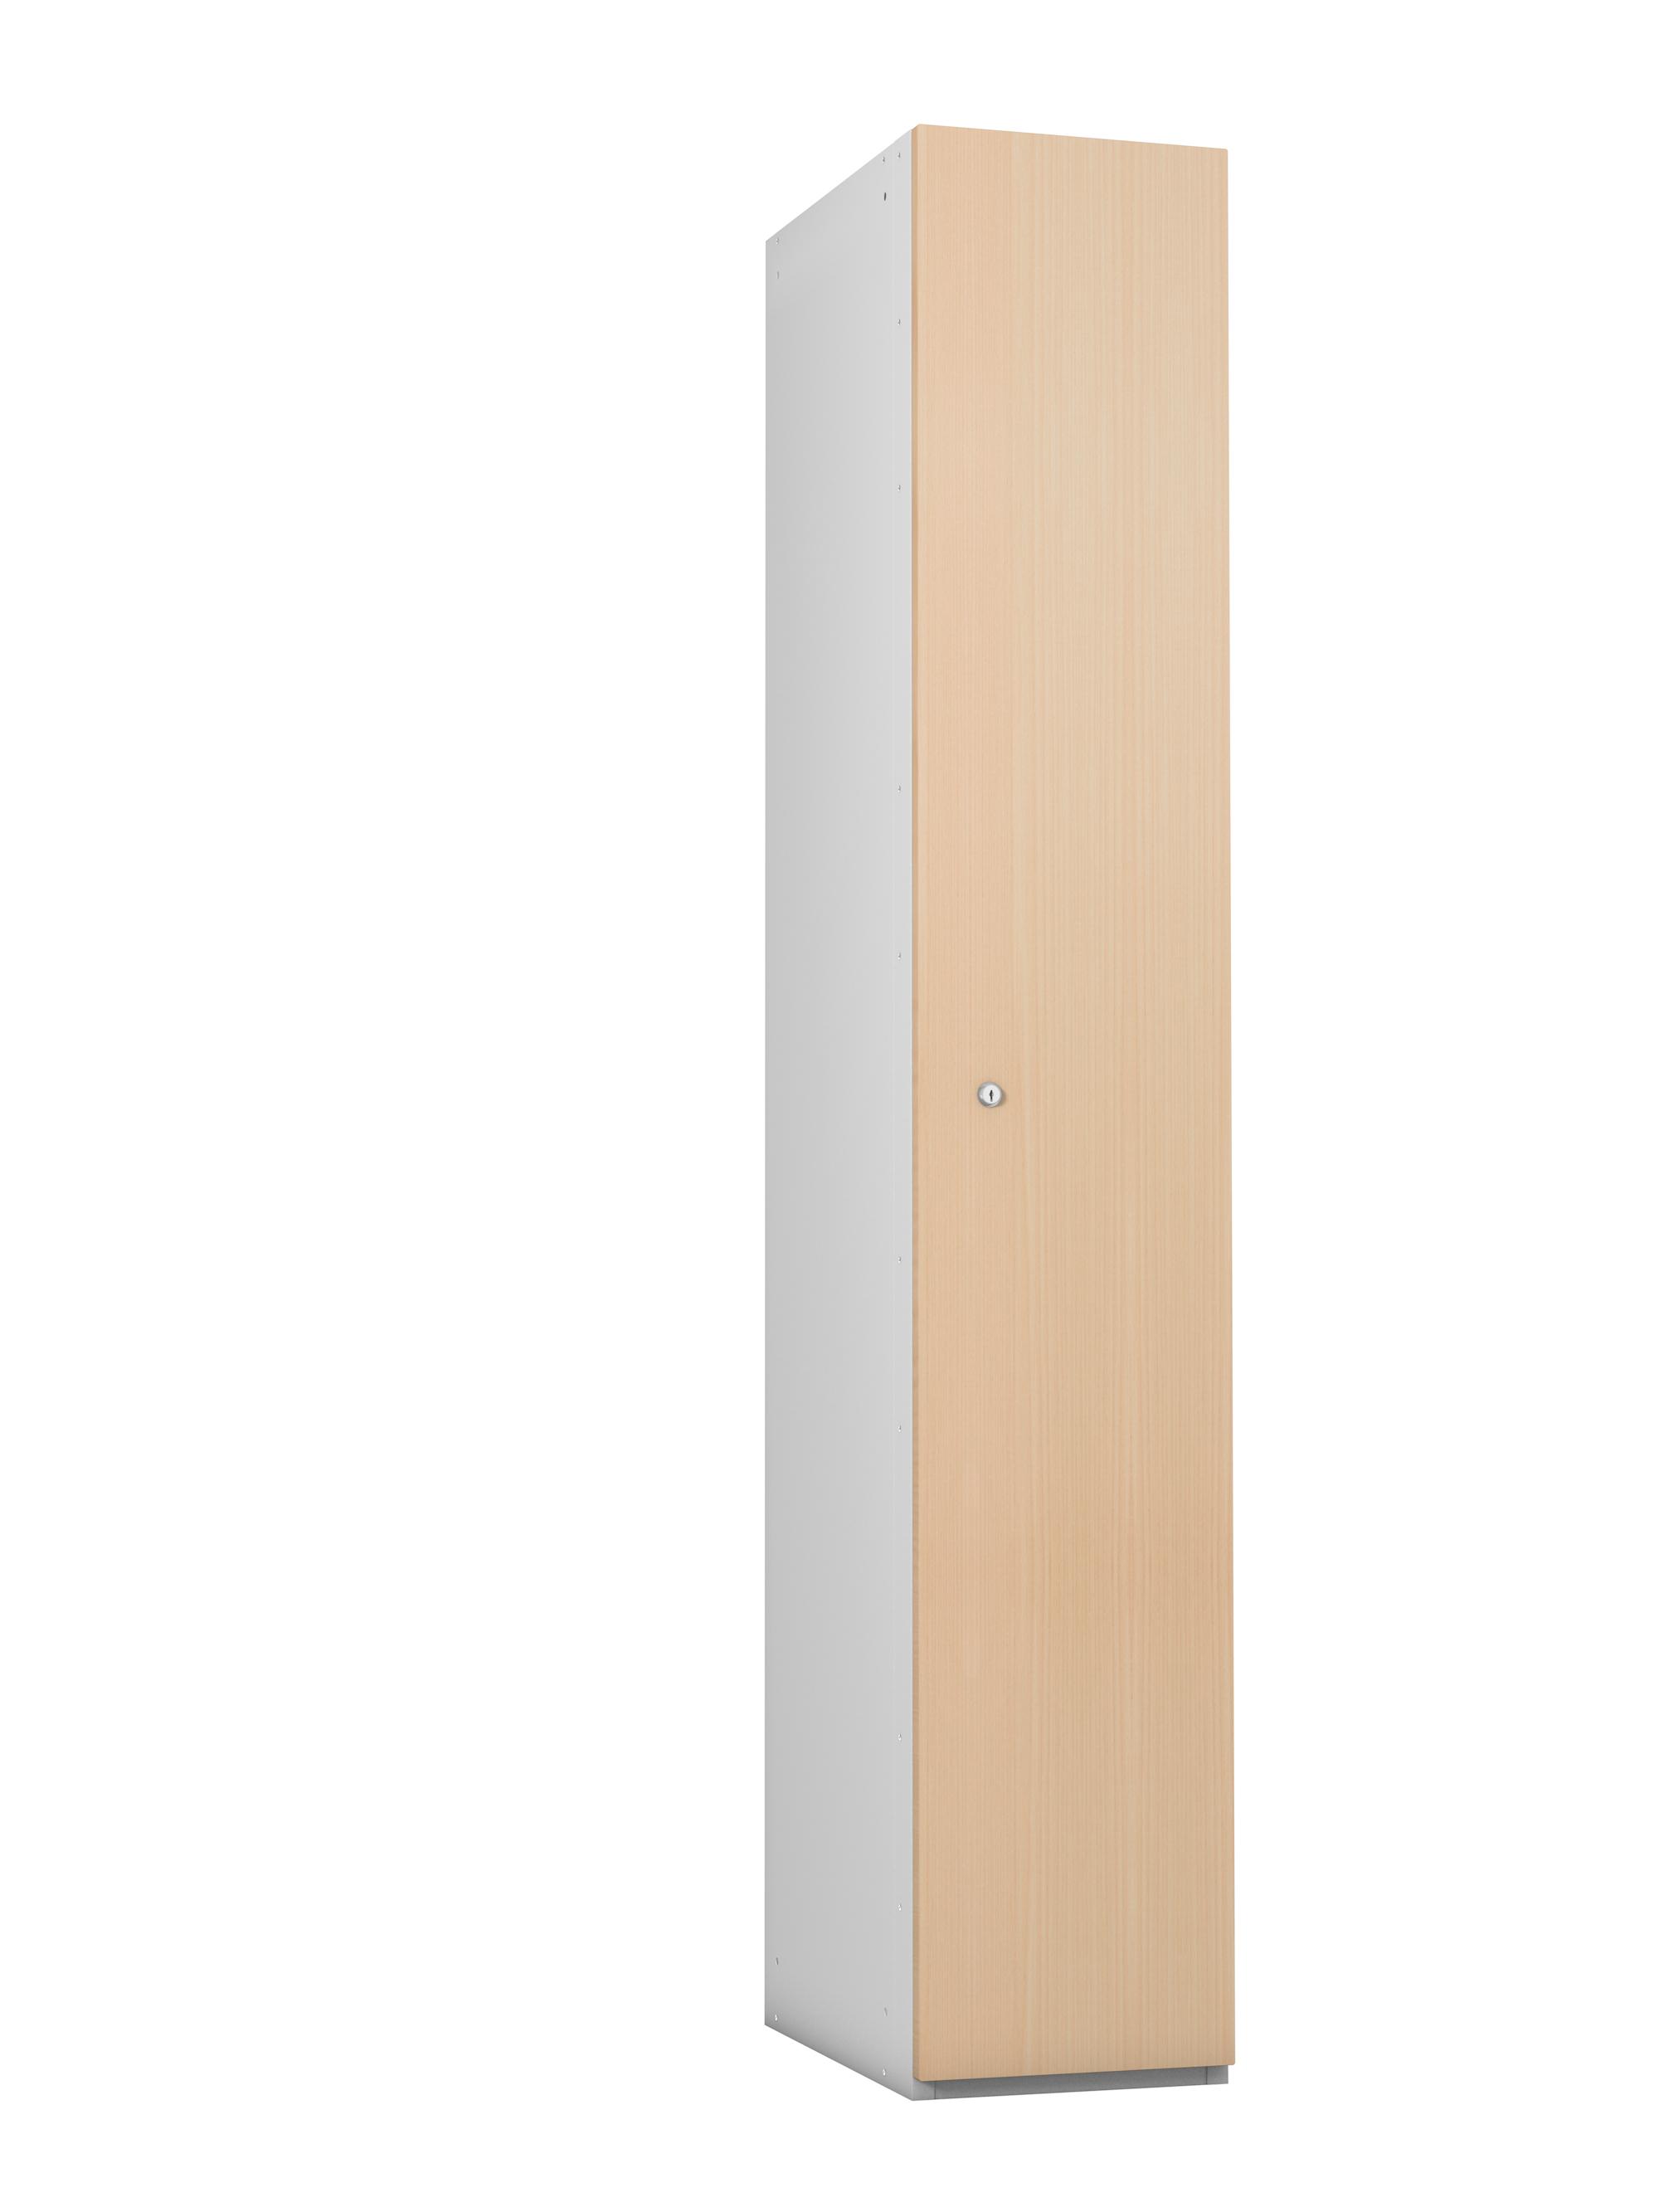 1 Compartment Timber Effect- MDF Door Locker